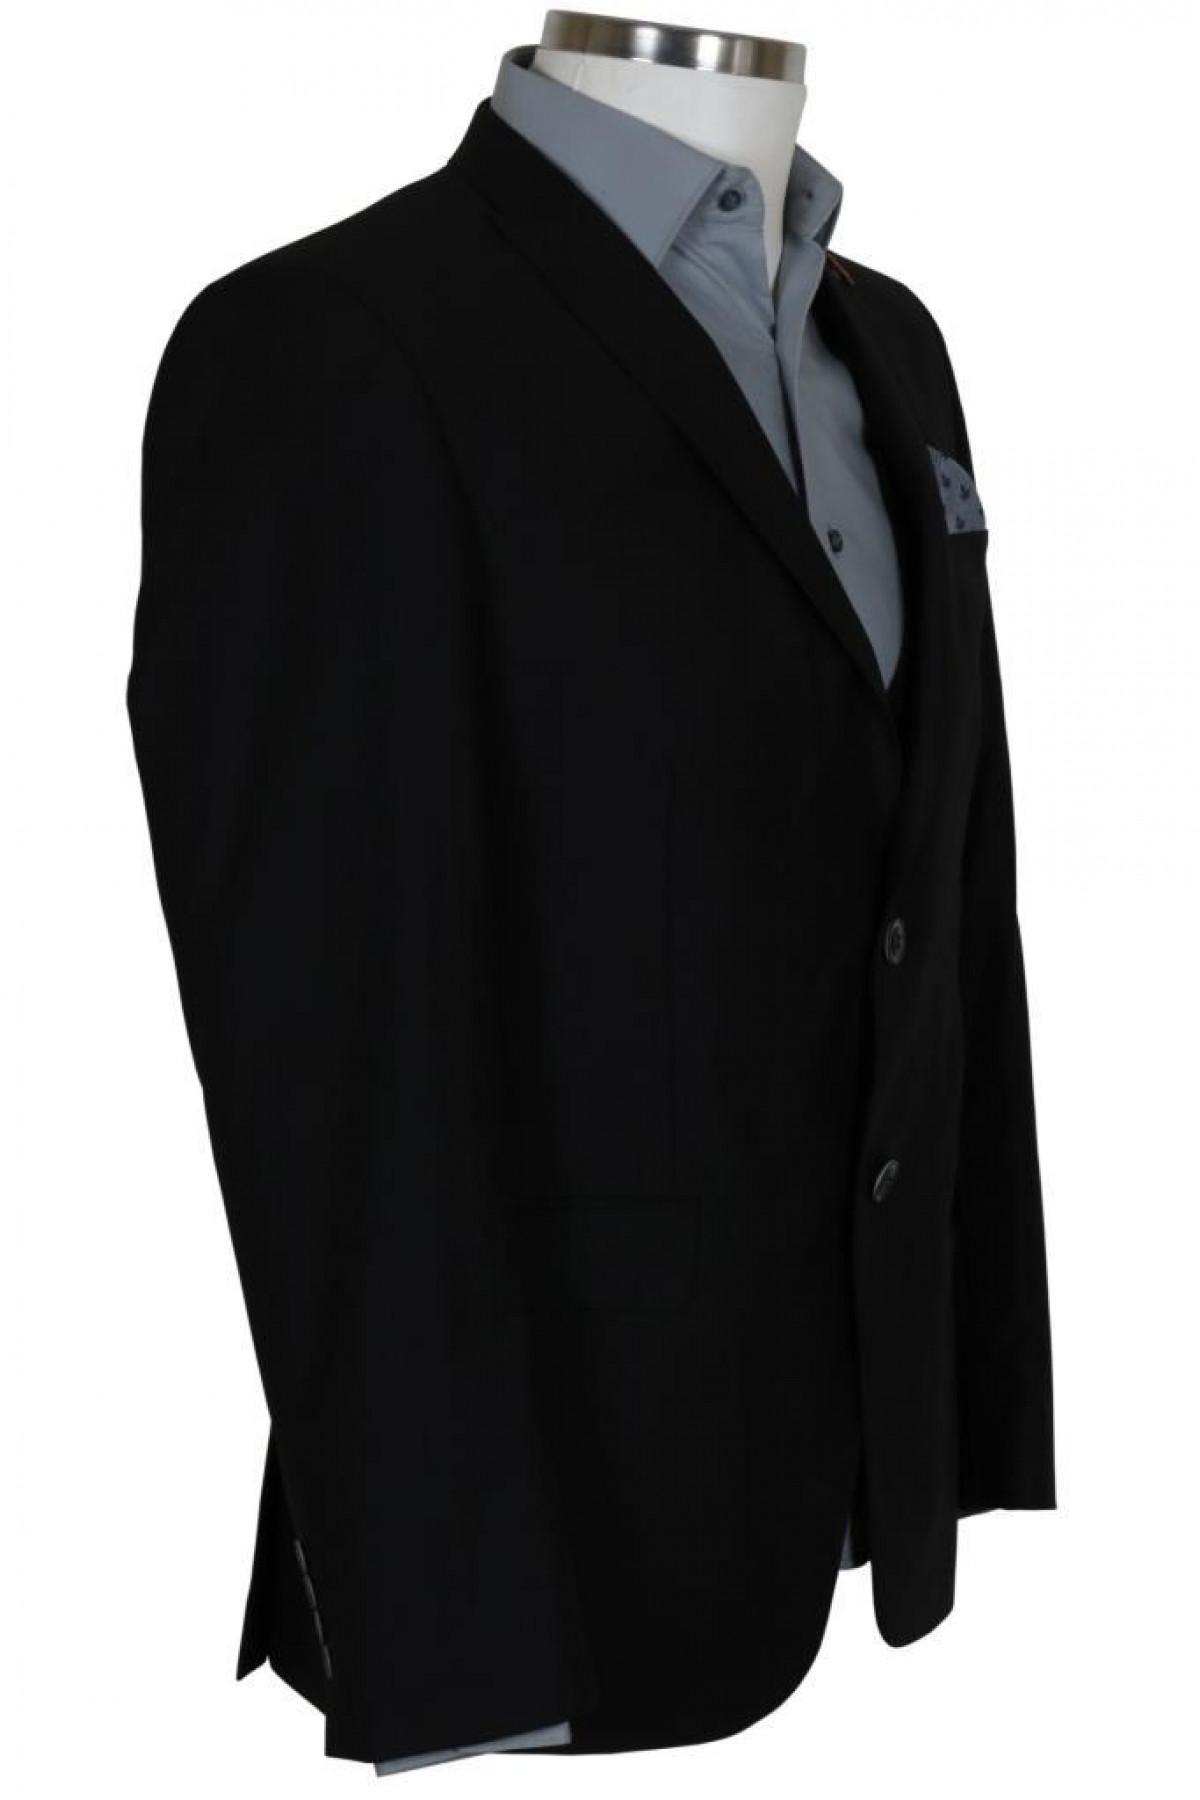 Erkek Siyah Takım Elbise Yelekli Dar Kesim RAR00697